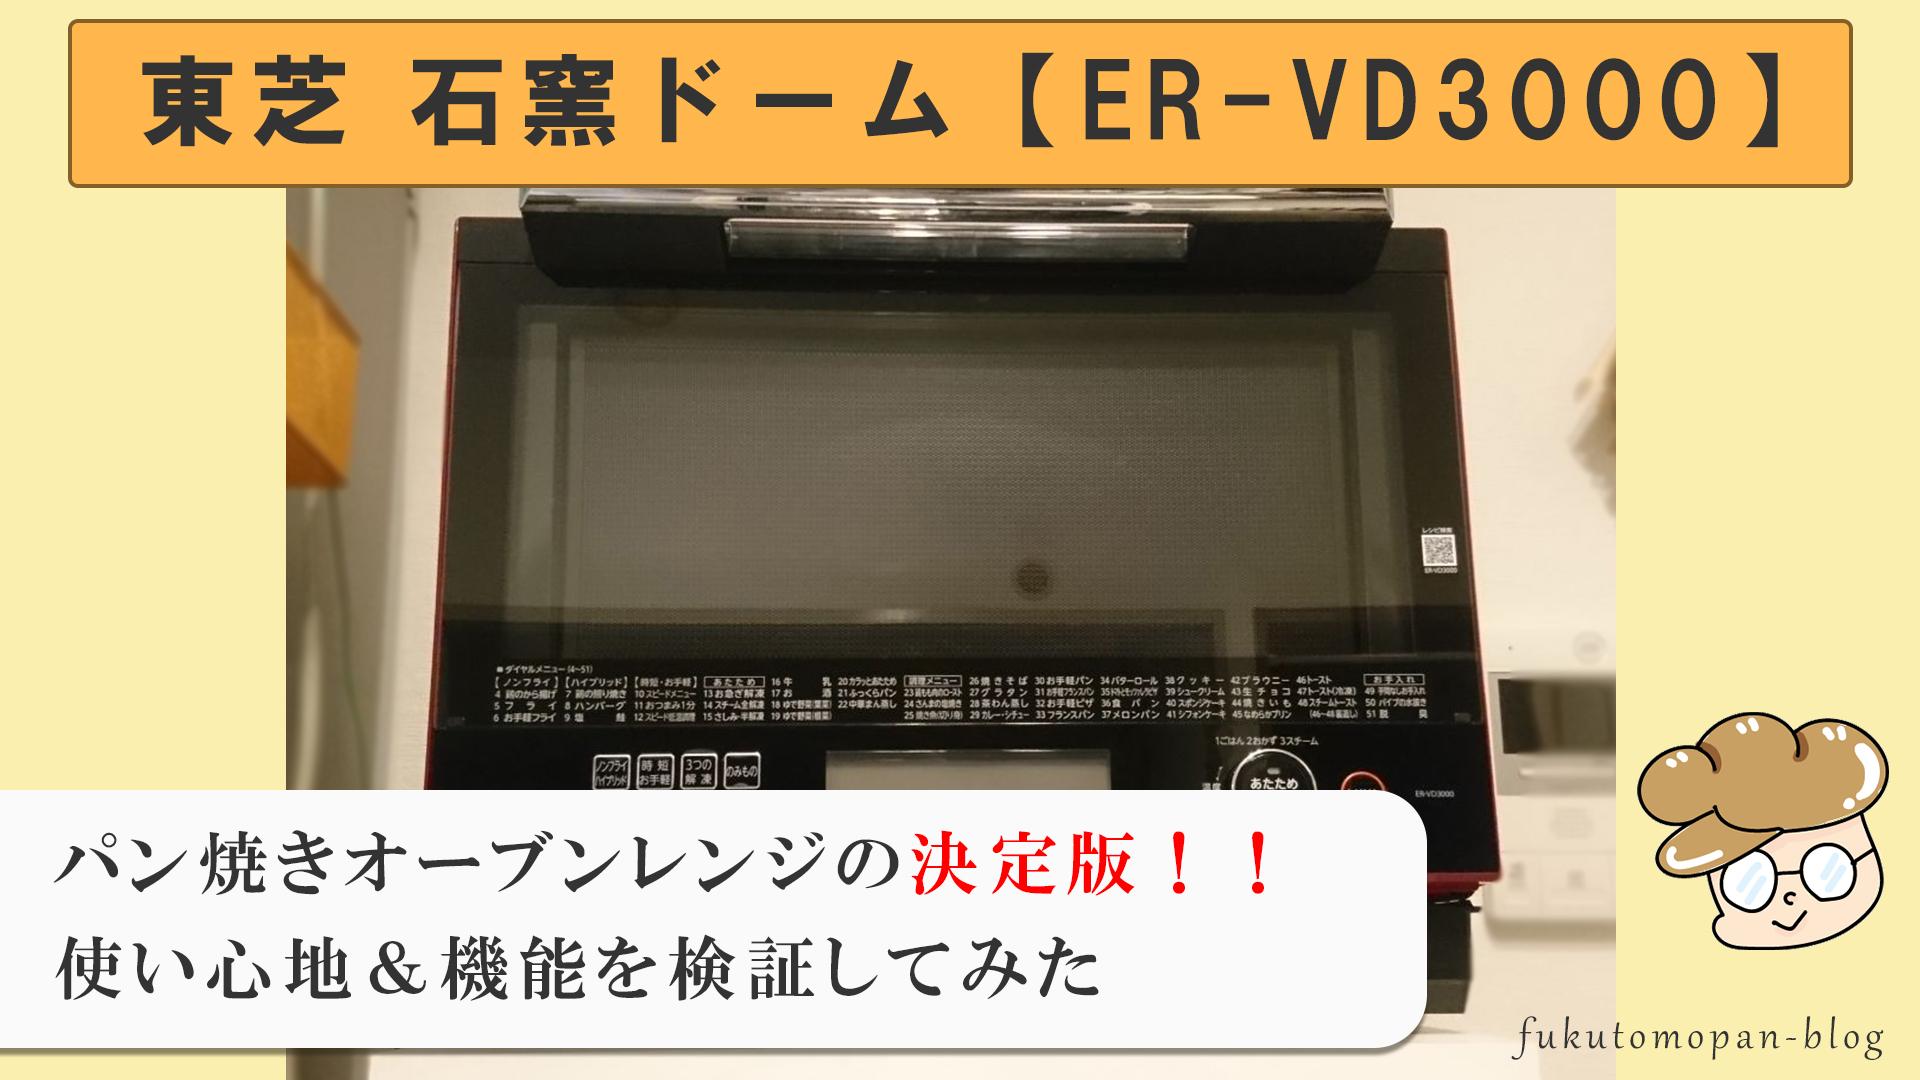 東芝 石窯ドームER-VD3000レビュー【使用感と性能を徹底検証】